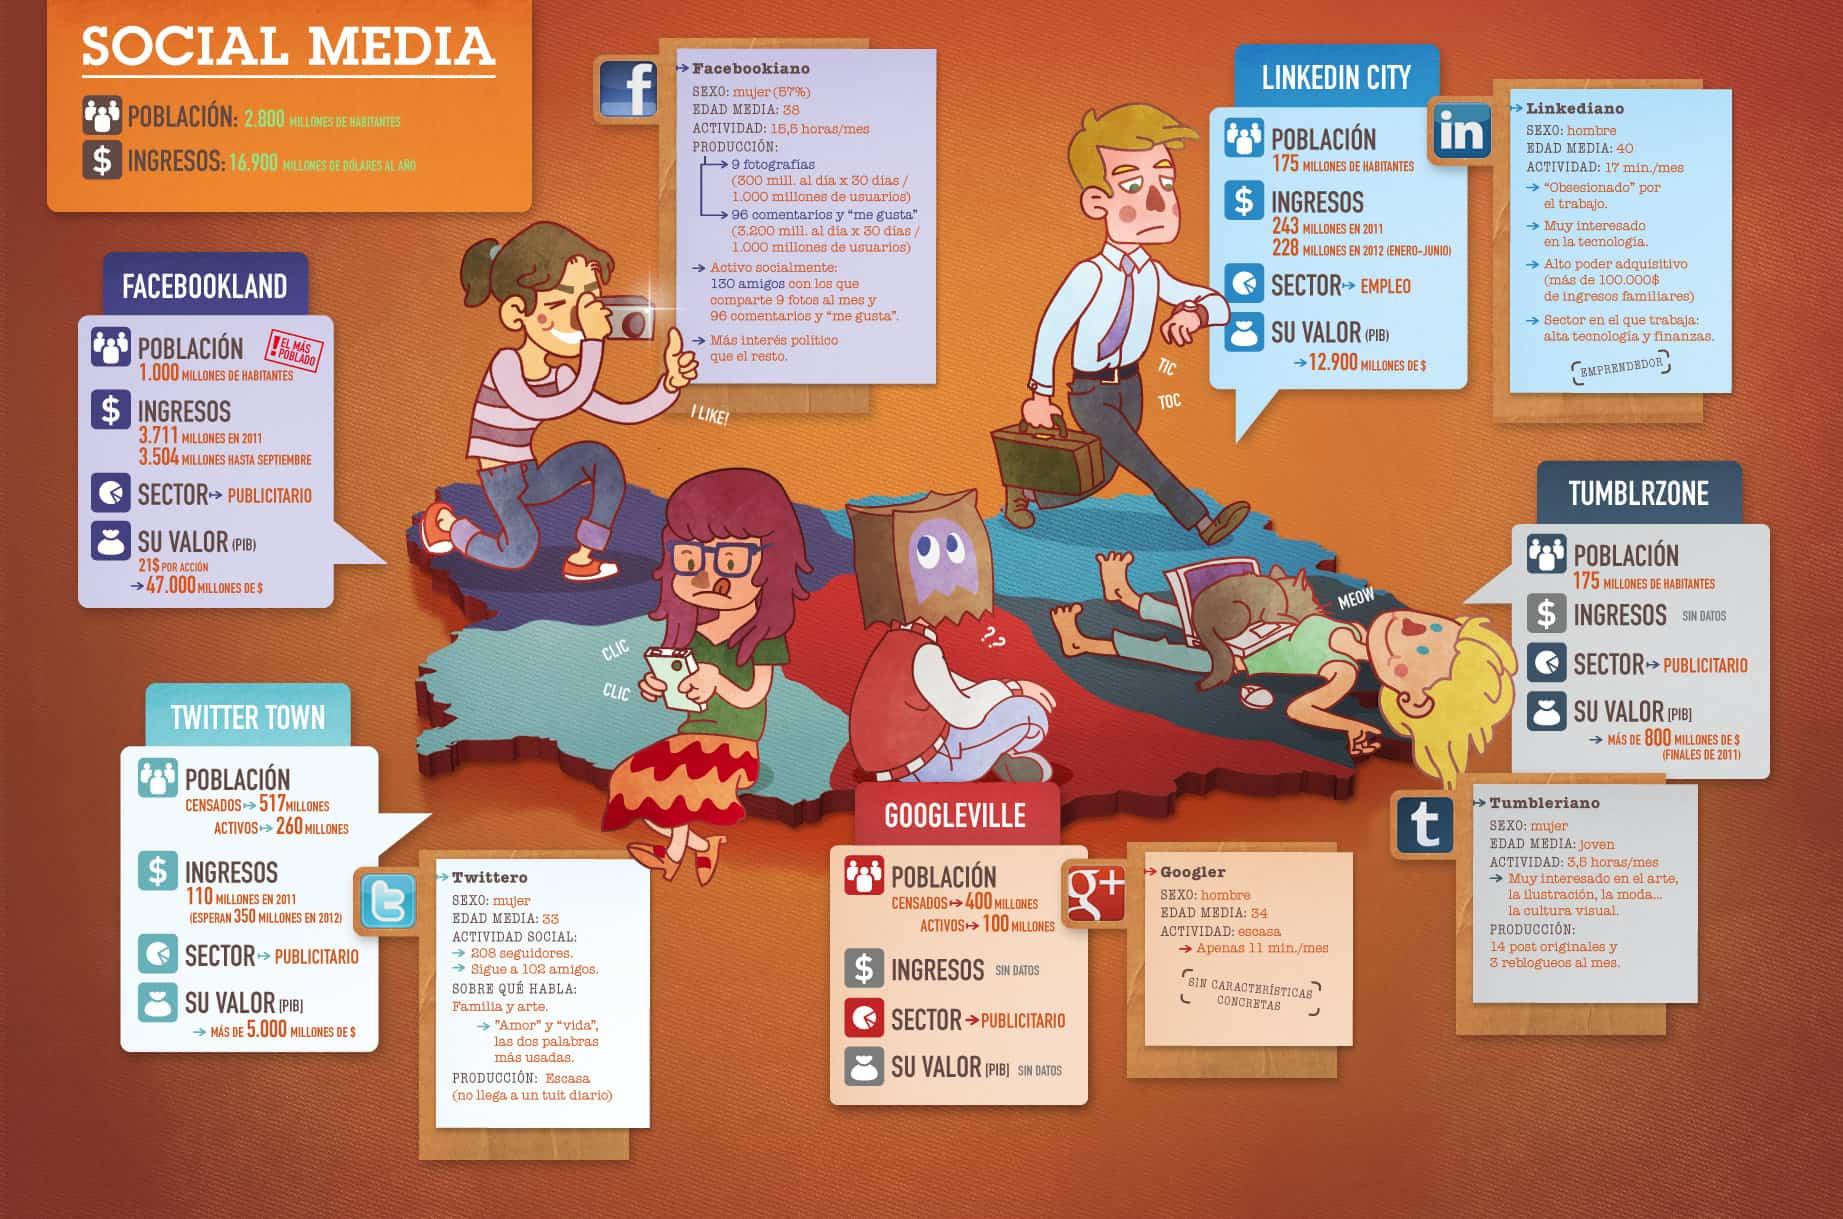 social media - poblacion mundial en redes sociales